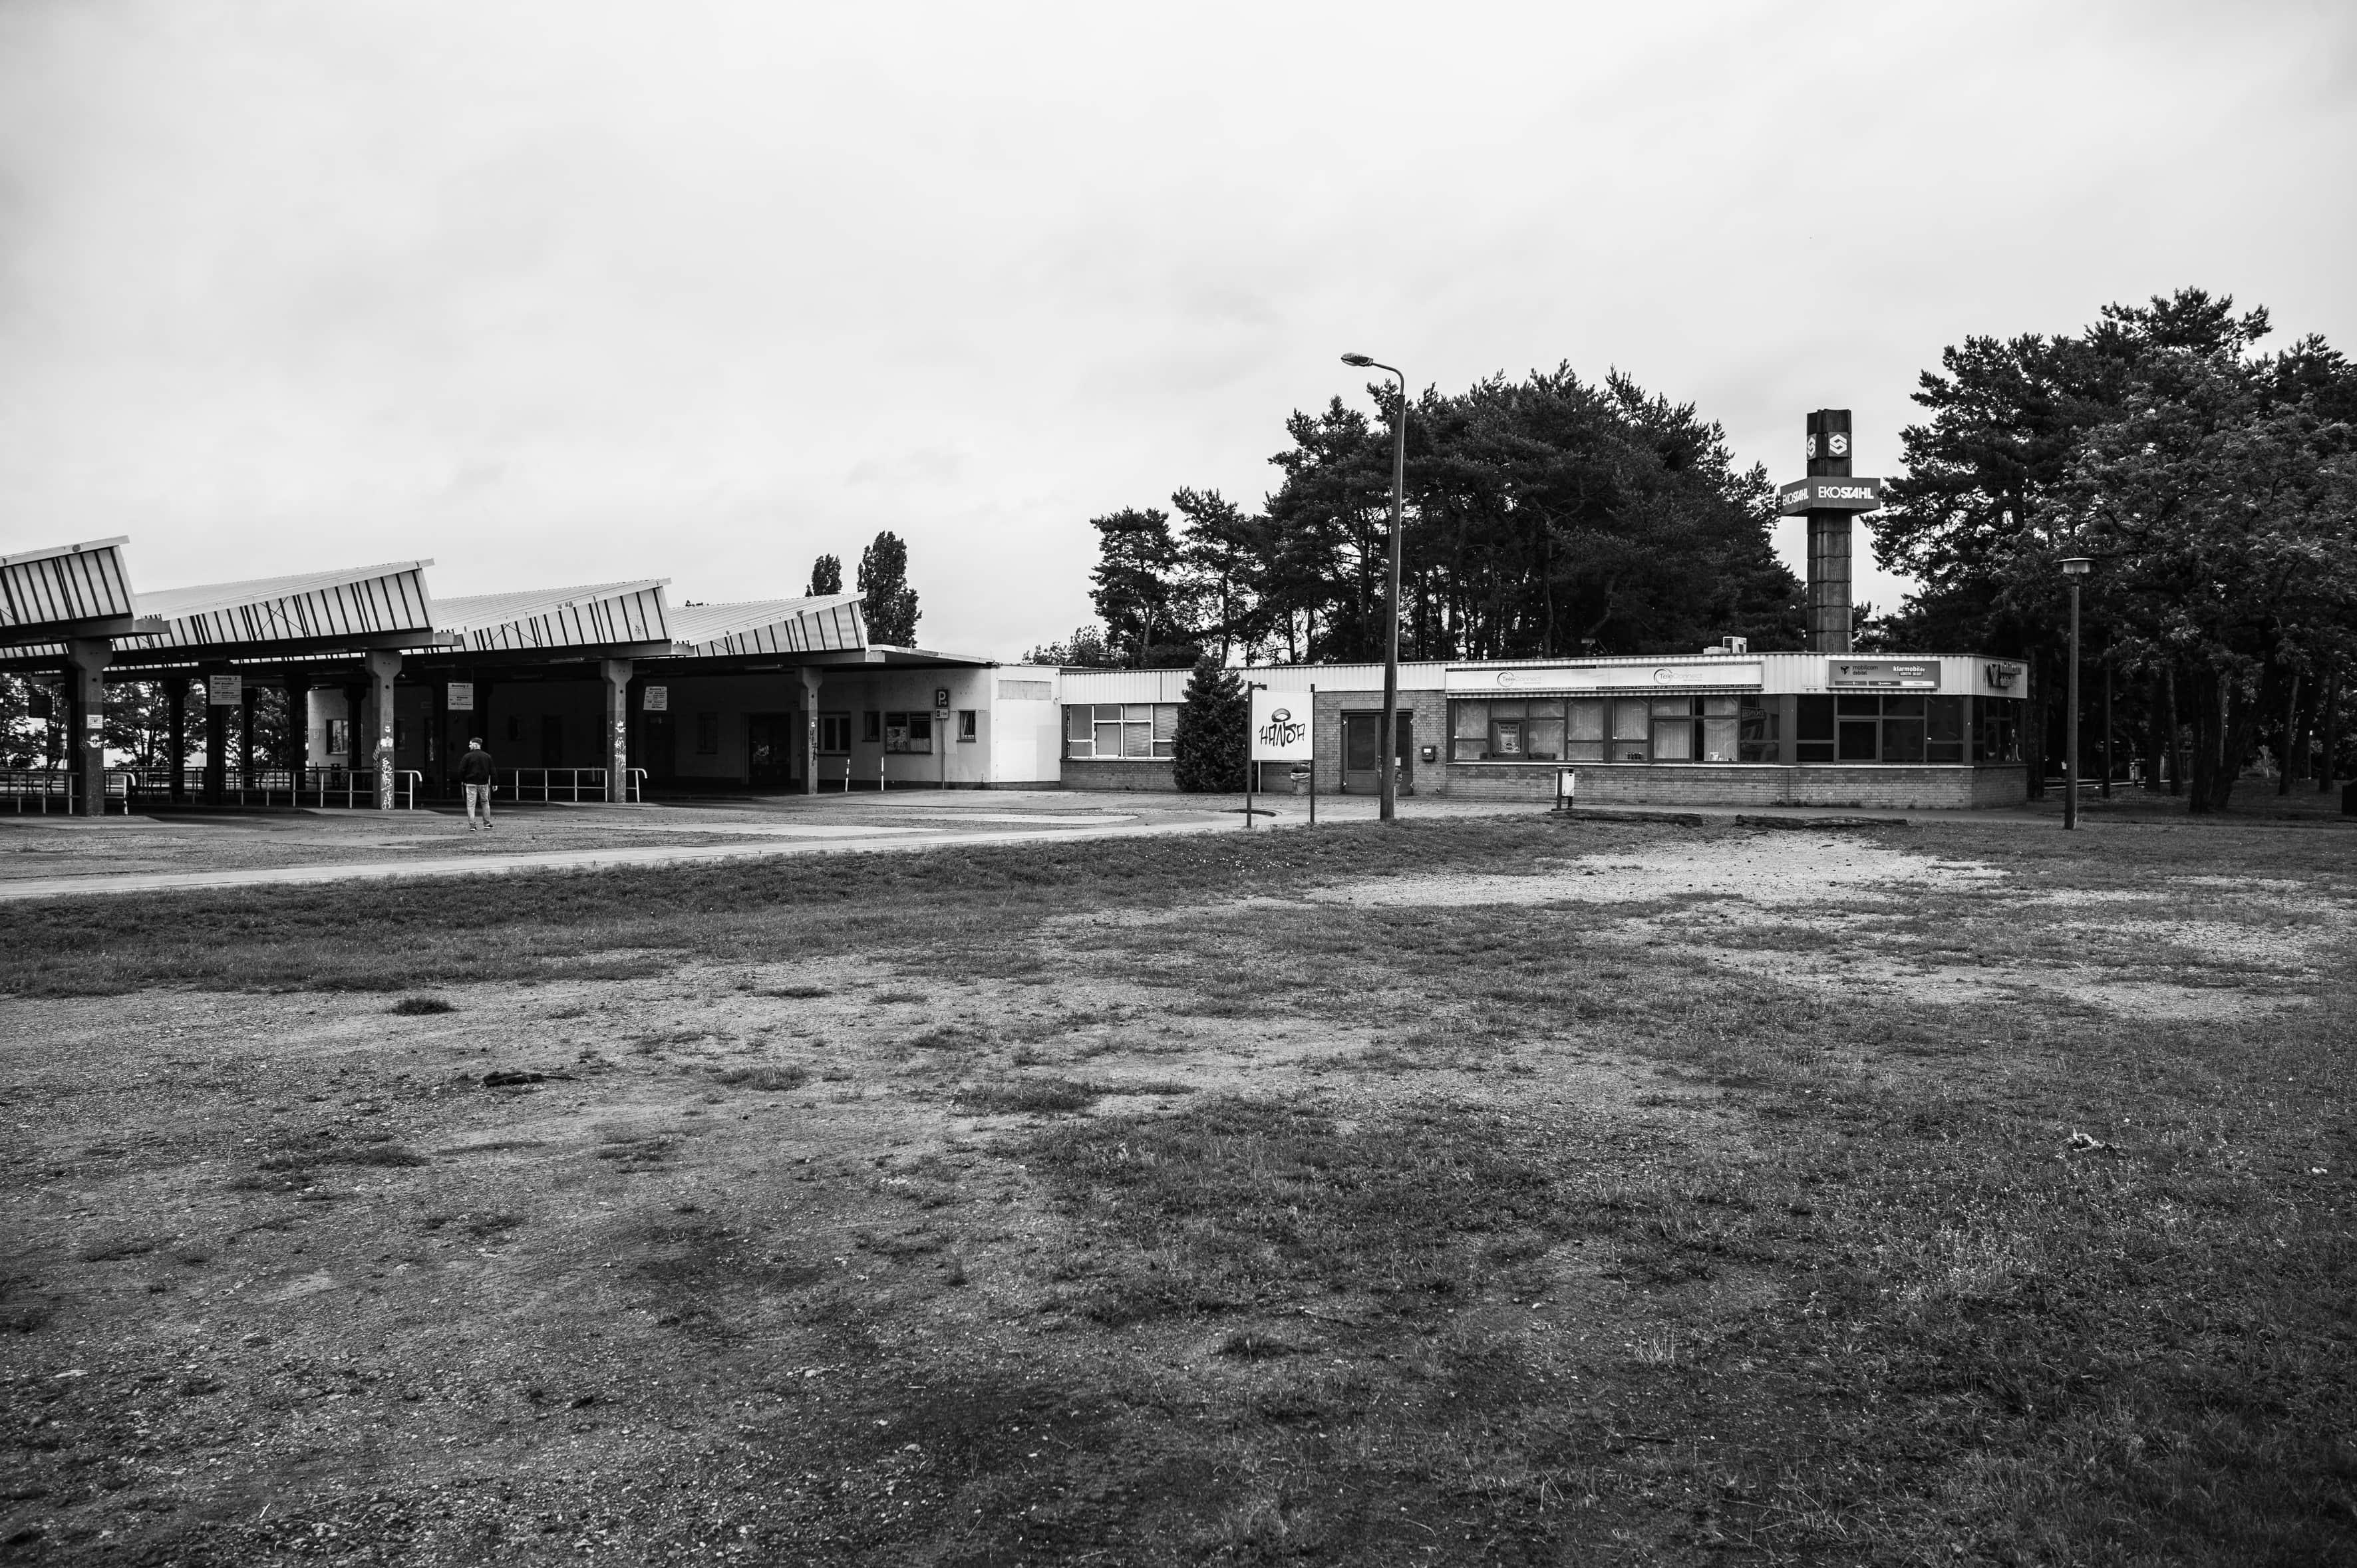 Blick auf den weiträumigen Busbahnhof am EKO und eine Stele zum Stahlwerk (r.)